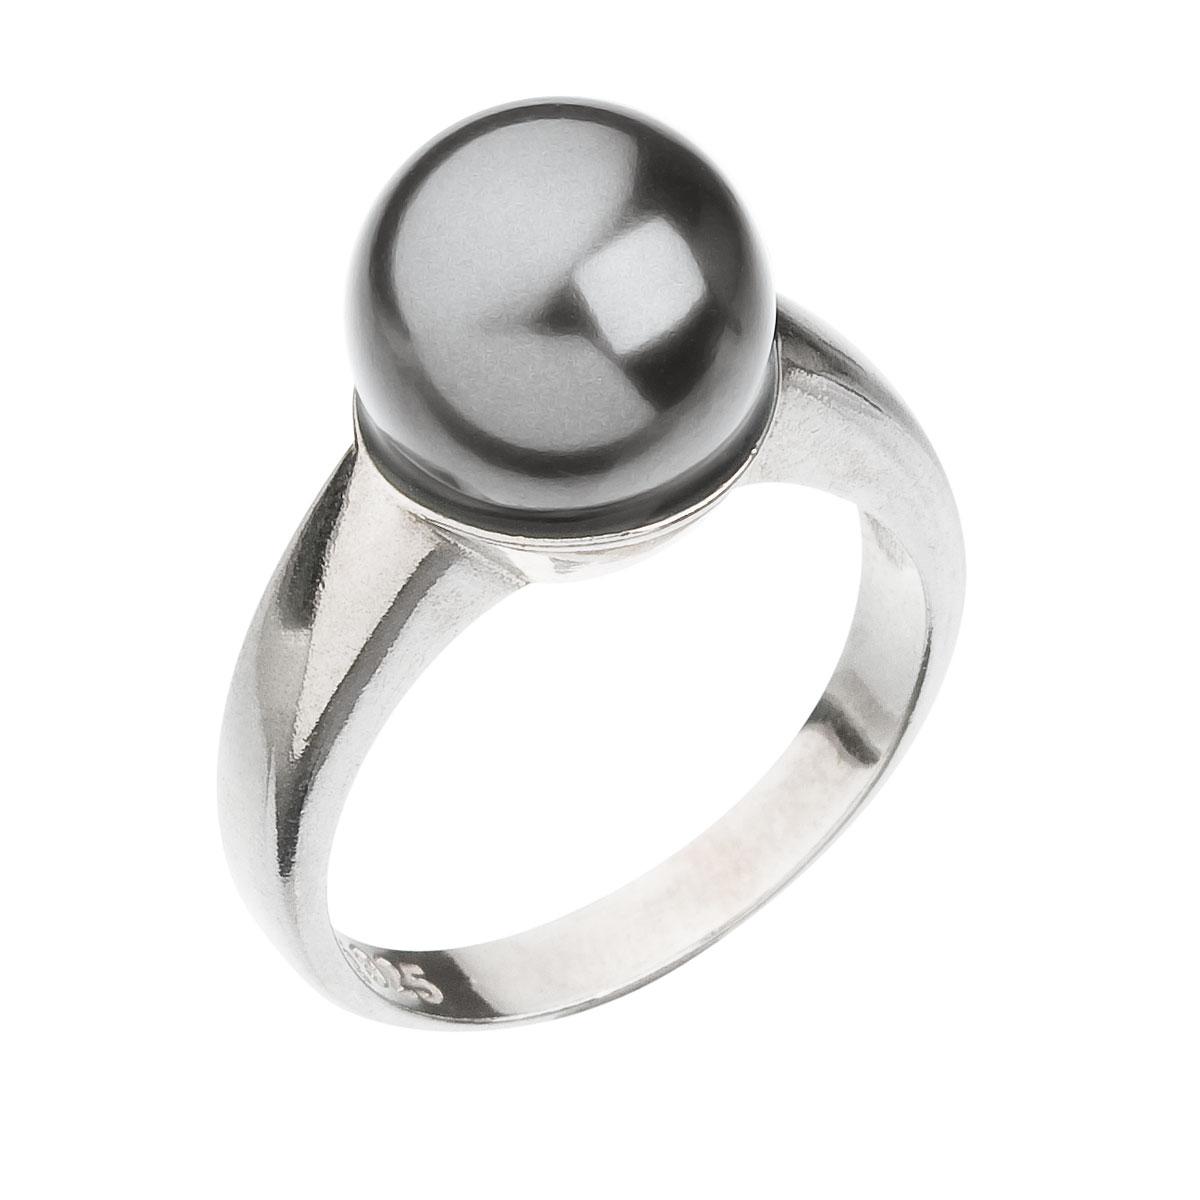 Strieborný prsteň s perlou šedý 35022.3